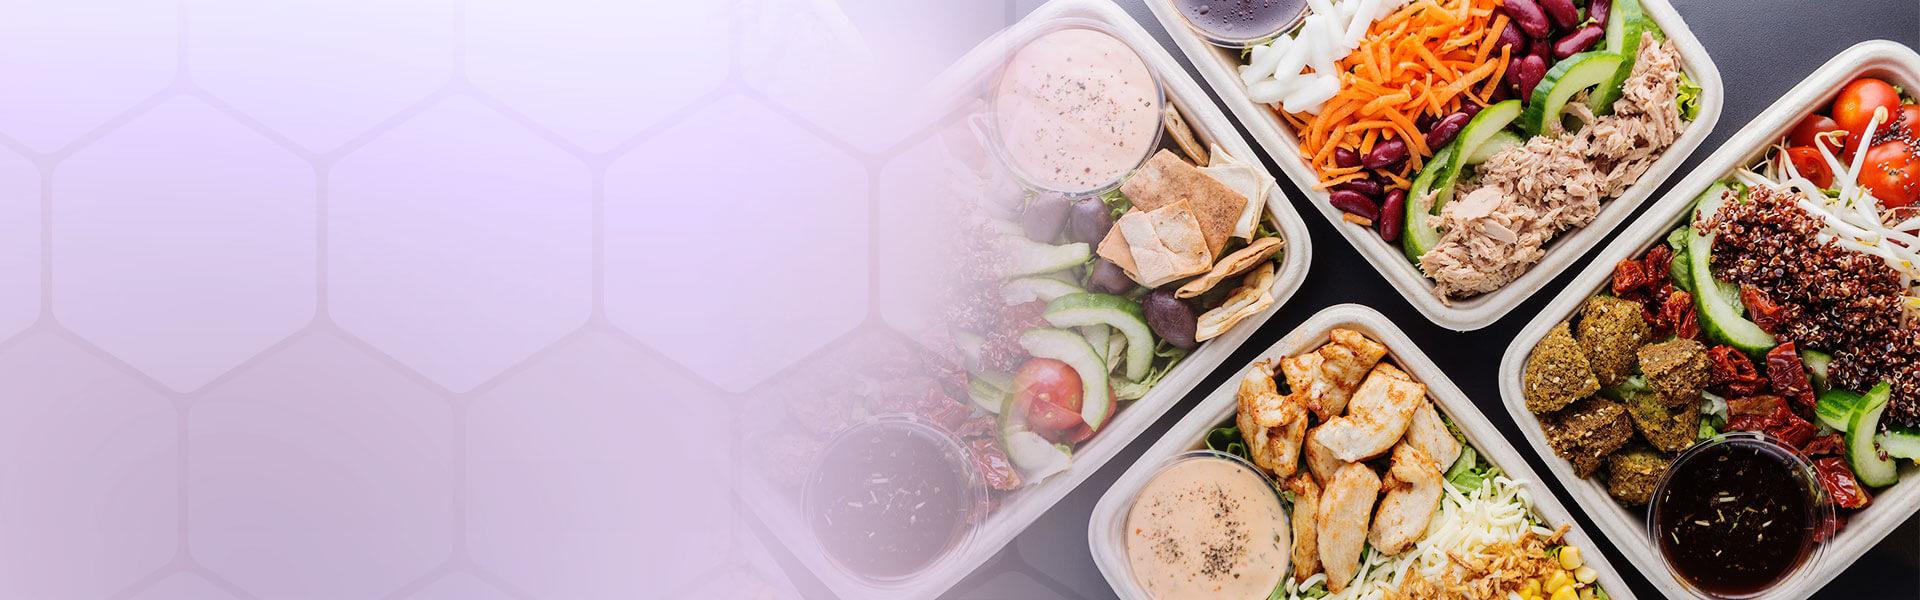 Food-at-Smunch_Header_2.jpg